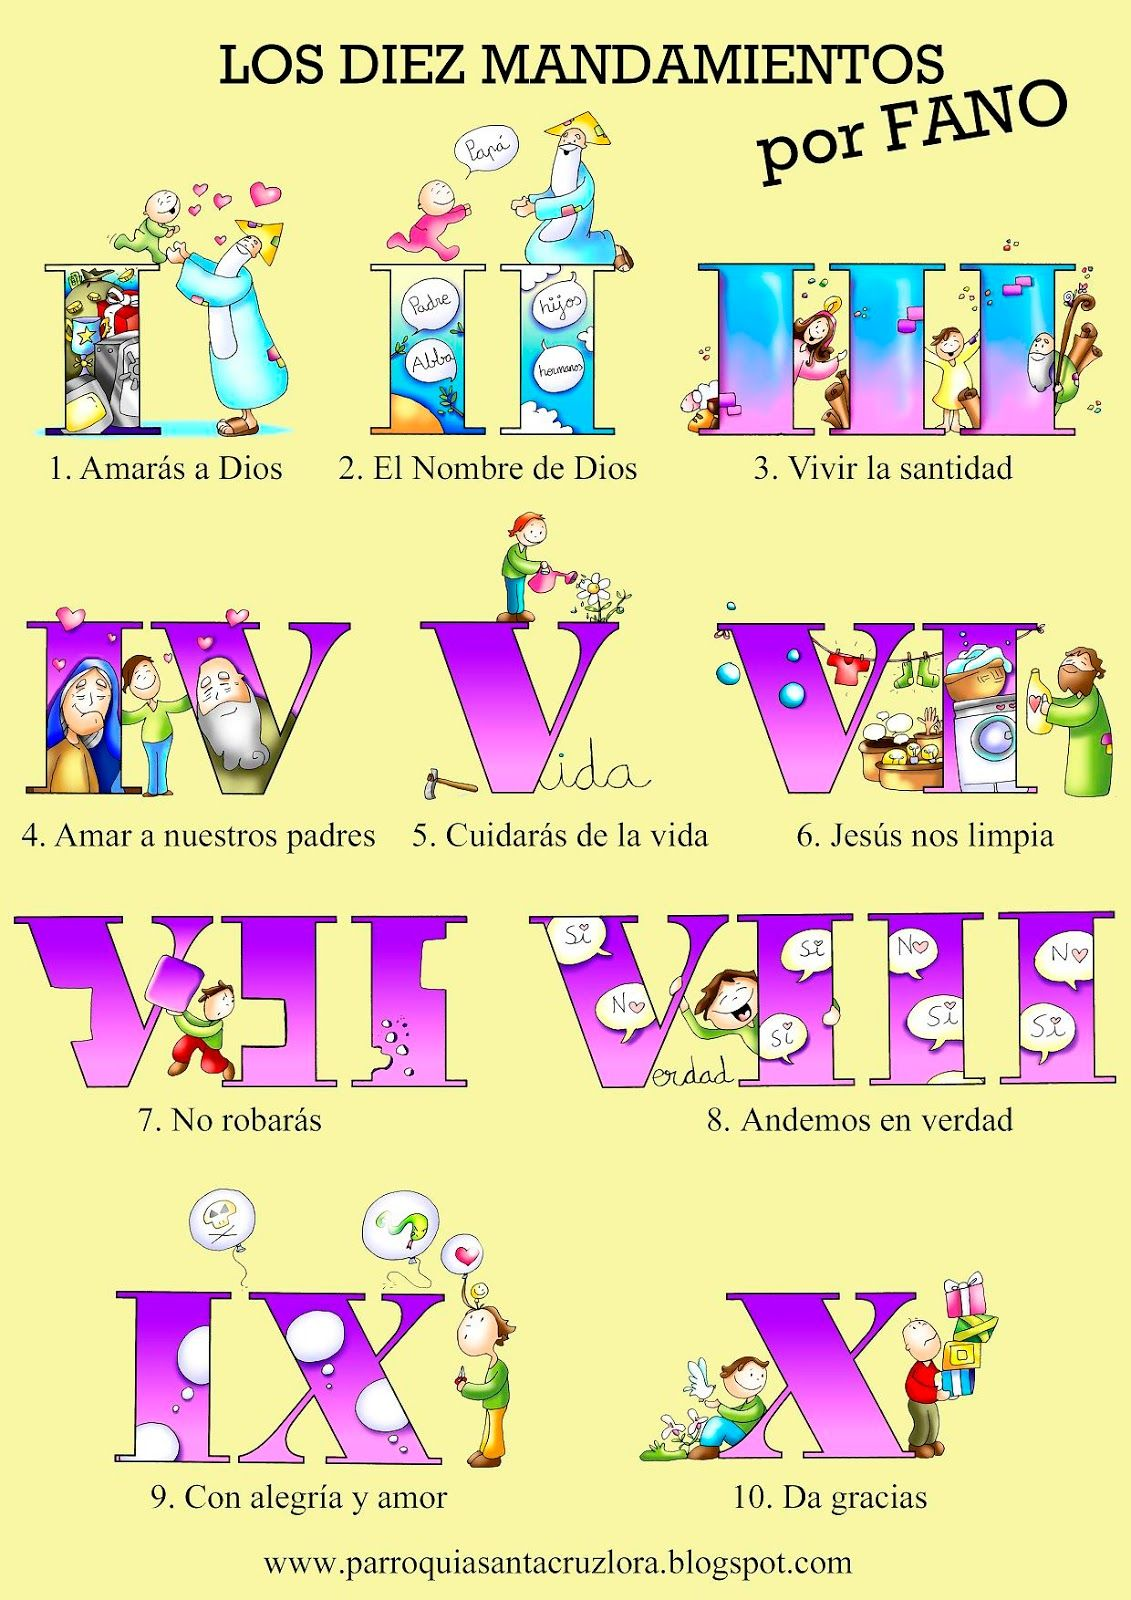 Fotos sobre los diez mandamientos 2